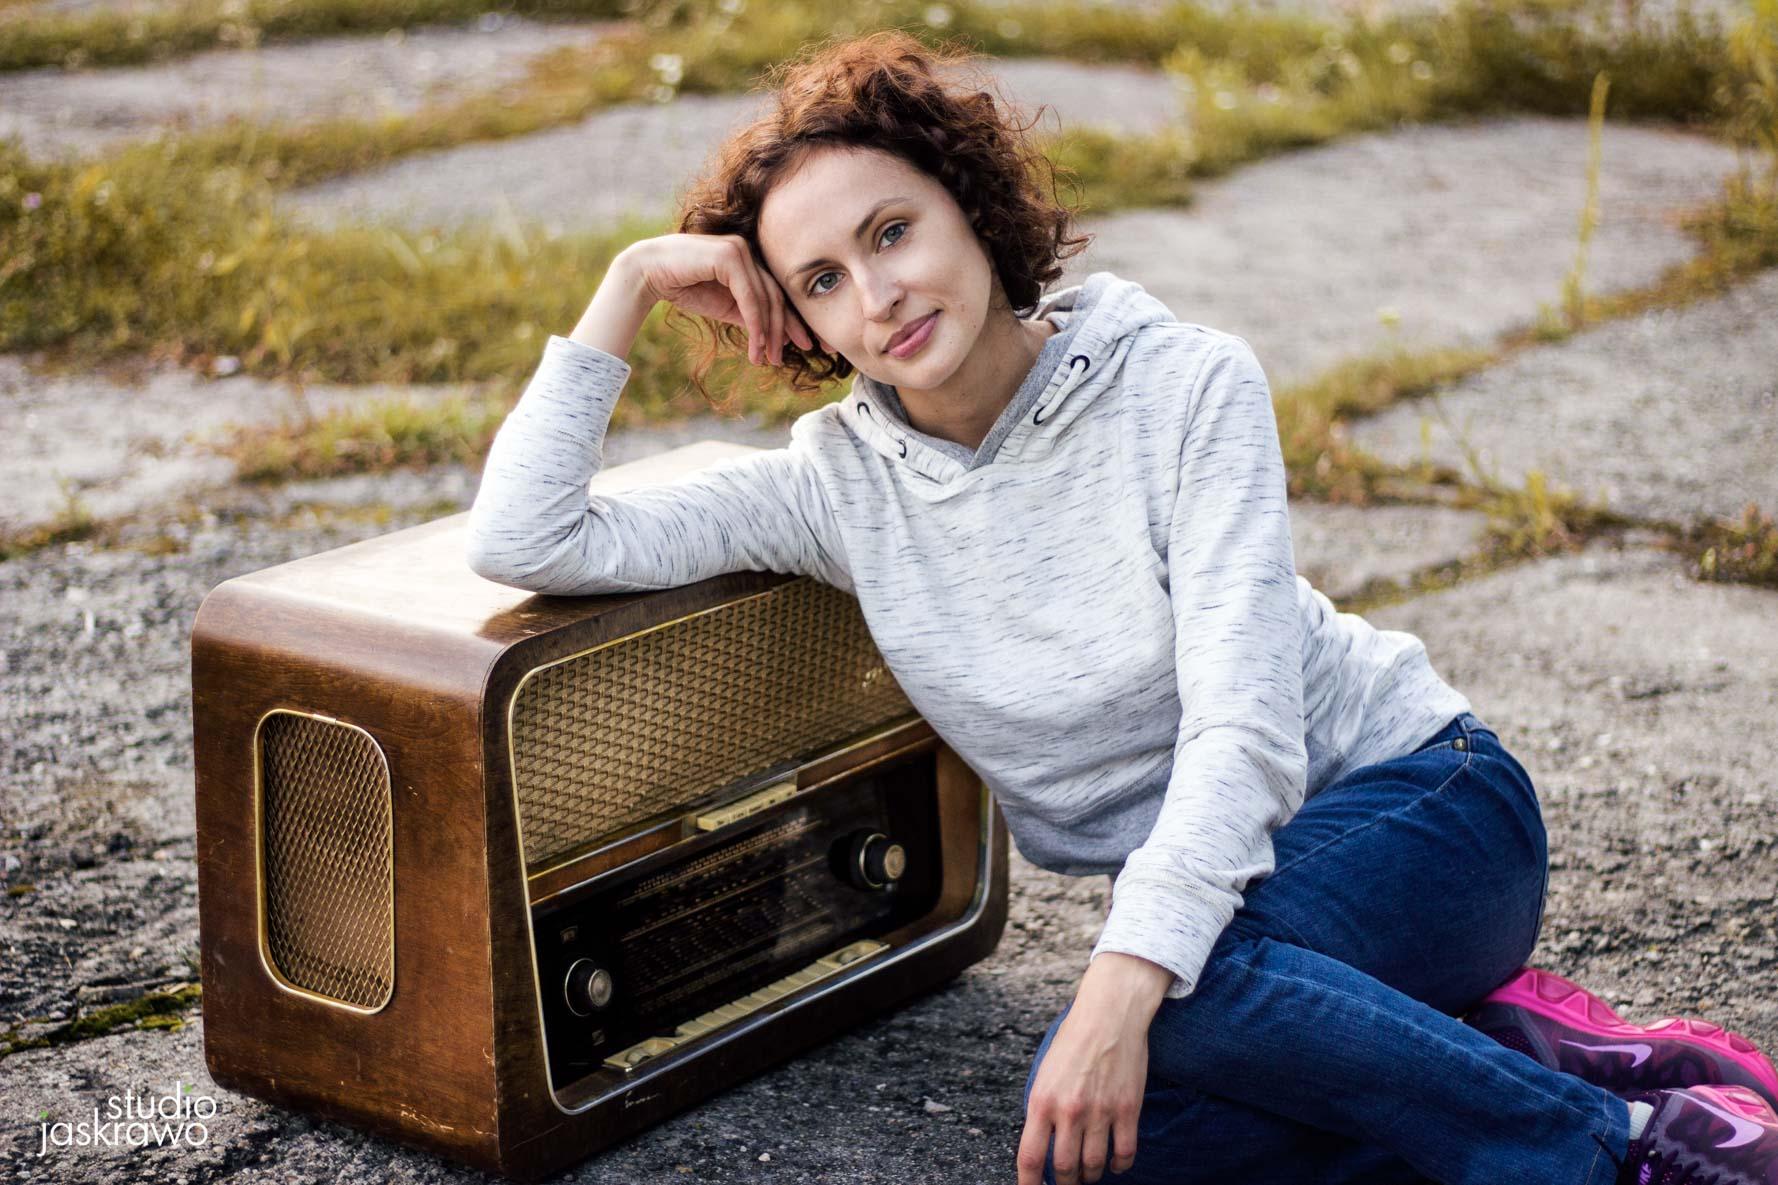 dziewczyna siedząca na ziemi opiera się o stare radio